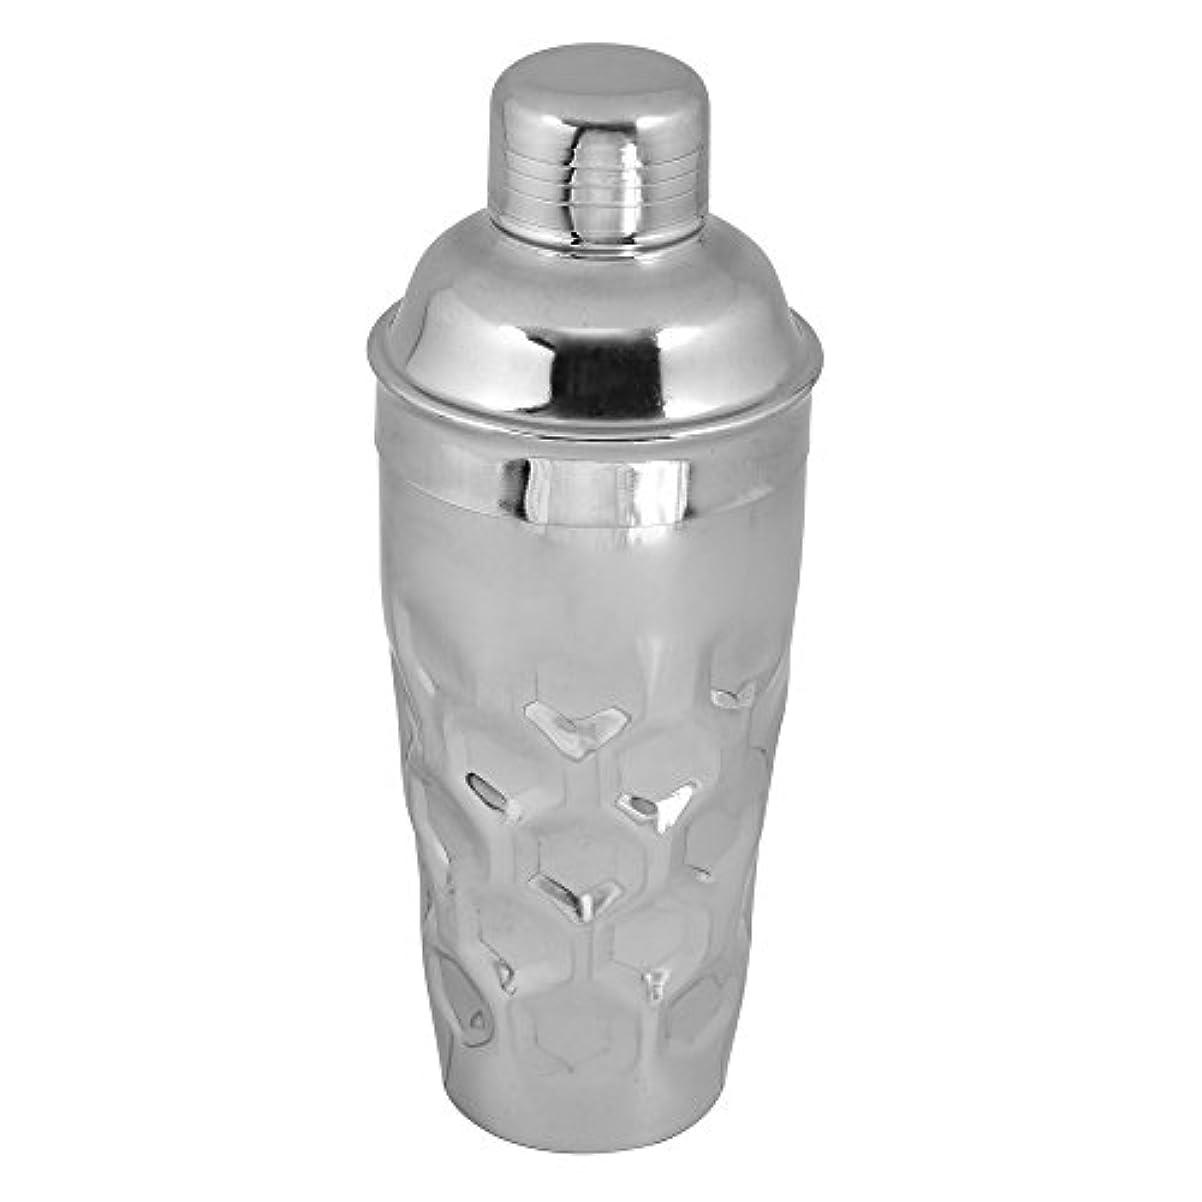 例示する正義ホームレス(750ml Octagonal) - Kosma Stainless Steel Designer Cocktail Shaker Mocktail Shaker - (Hammered finish) - 750 ml